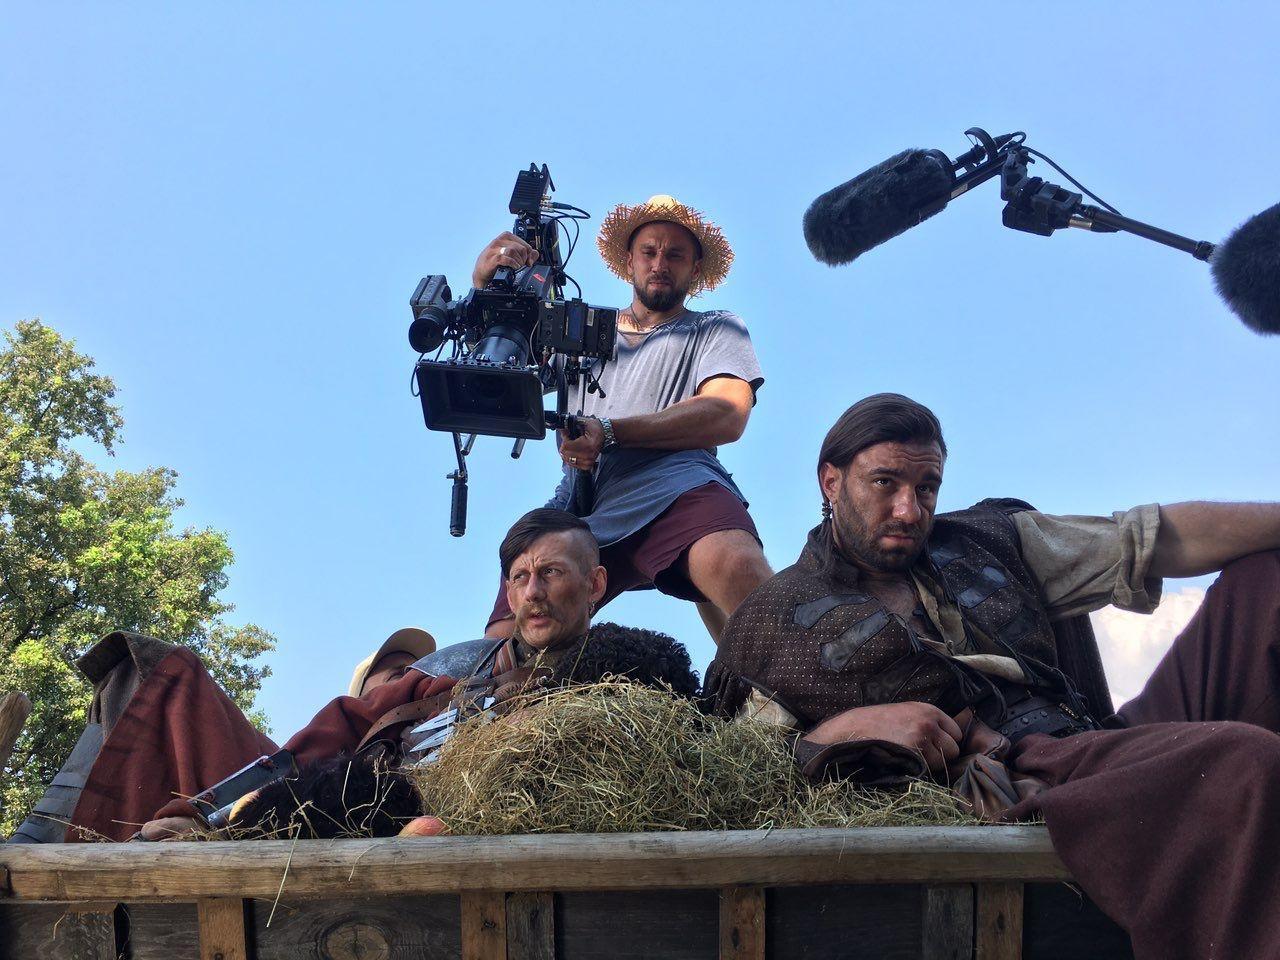 У Пирогові знімають серіал про козаків-супергероїв - Українське козацтво, українське кіно, зйомки - kozactvo serial ictv 2506